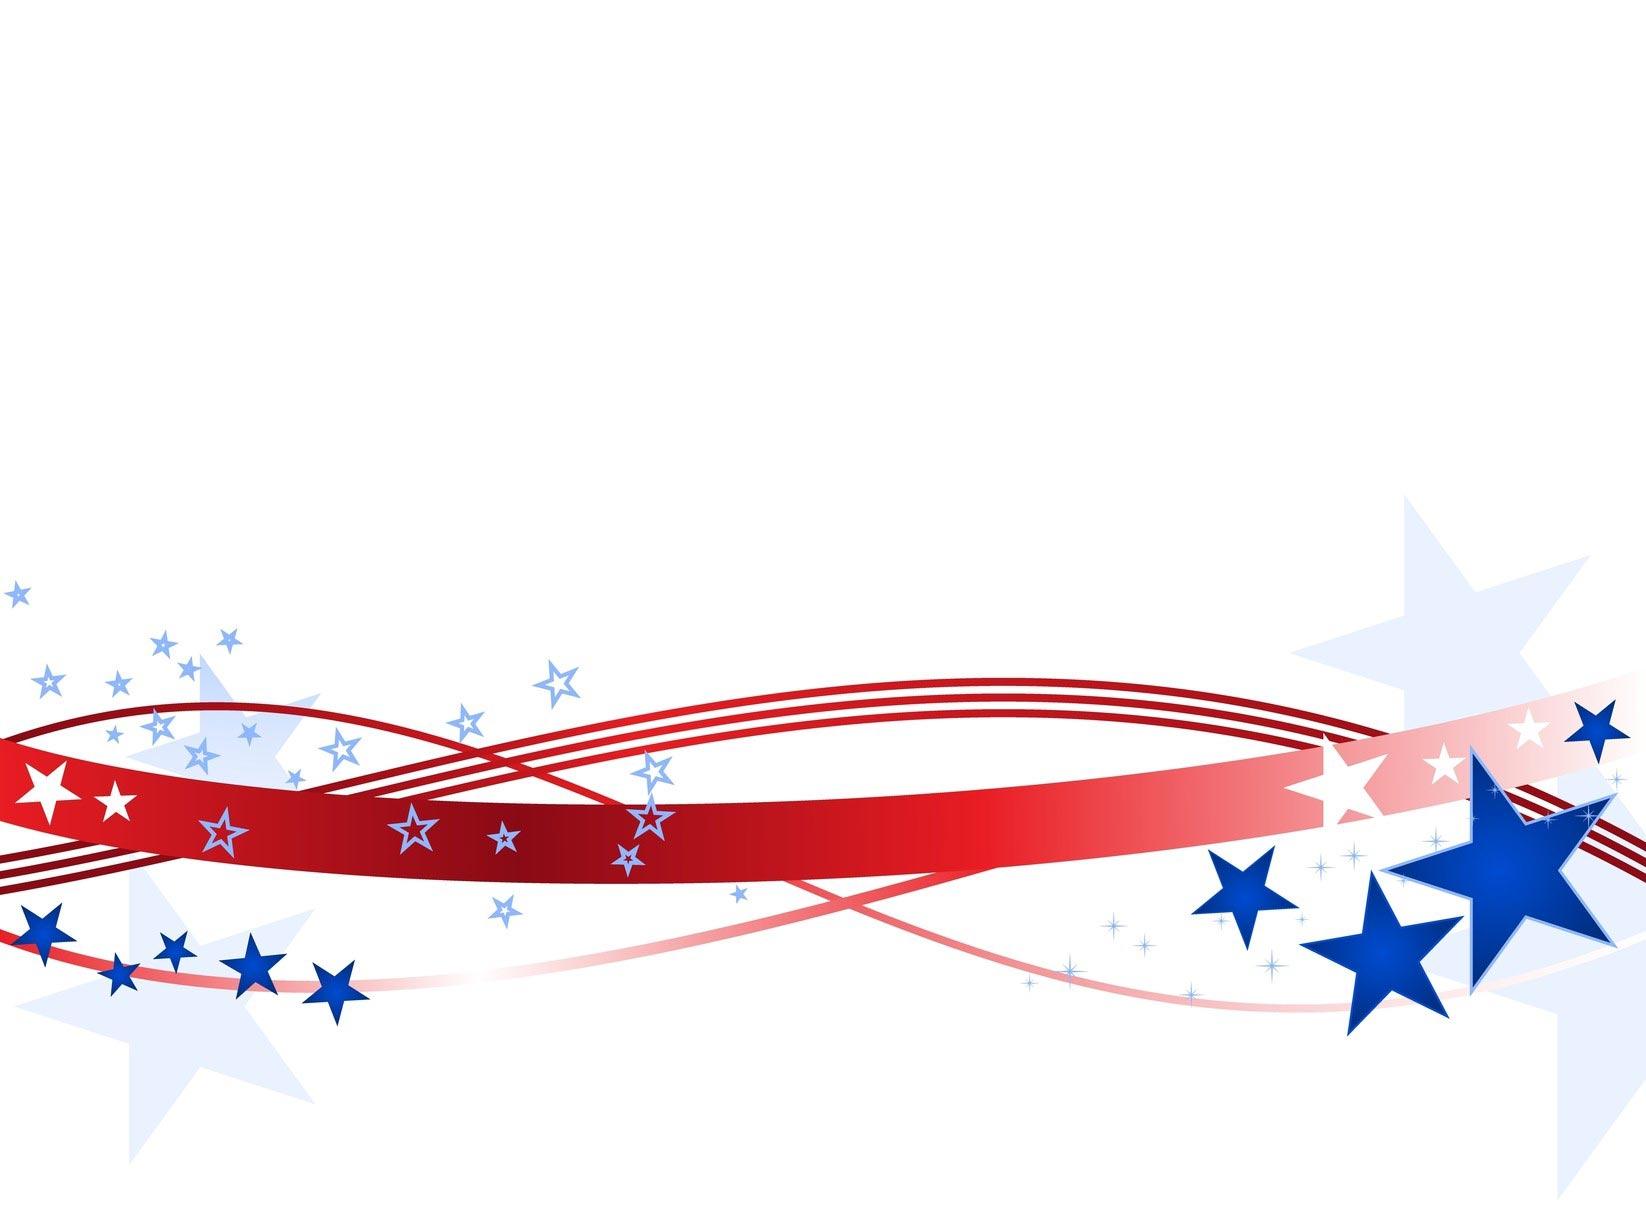 Patriotic Stars Clip Art - Cliparts.co (1646 x 1215 Pixel)